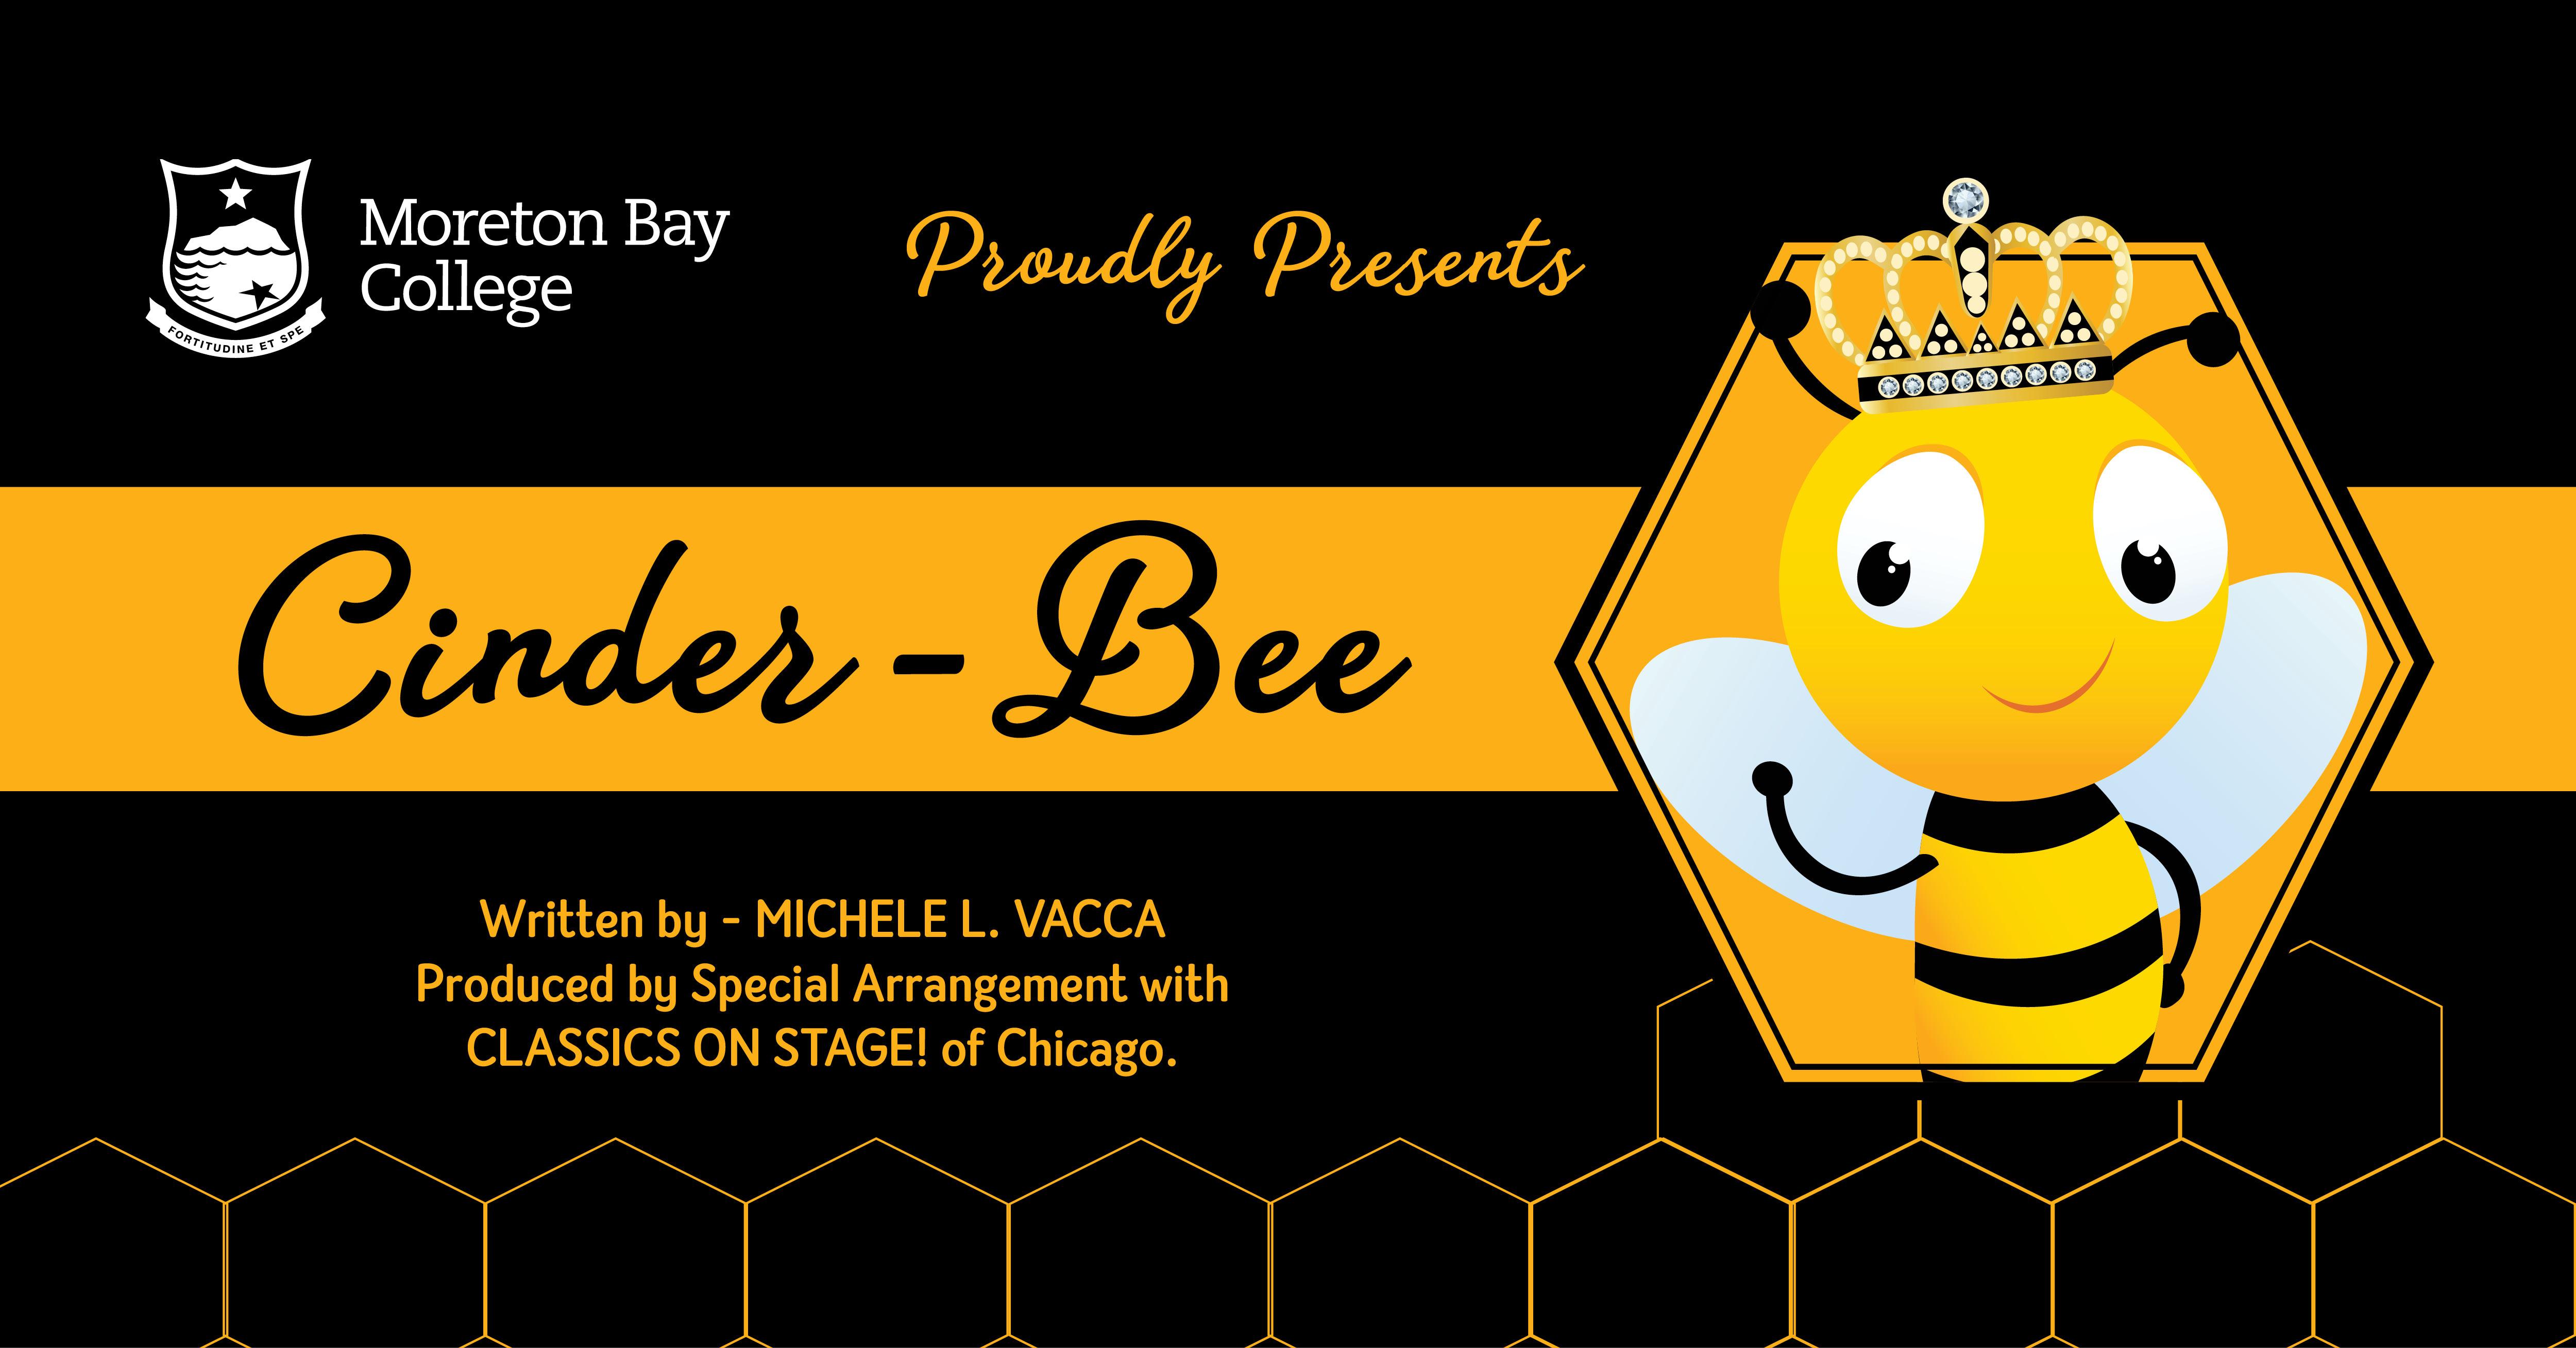 Cinder-Bee